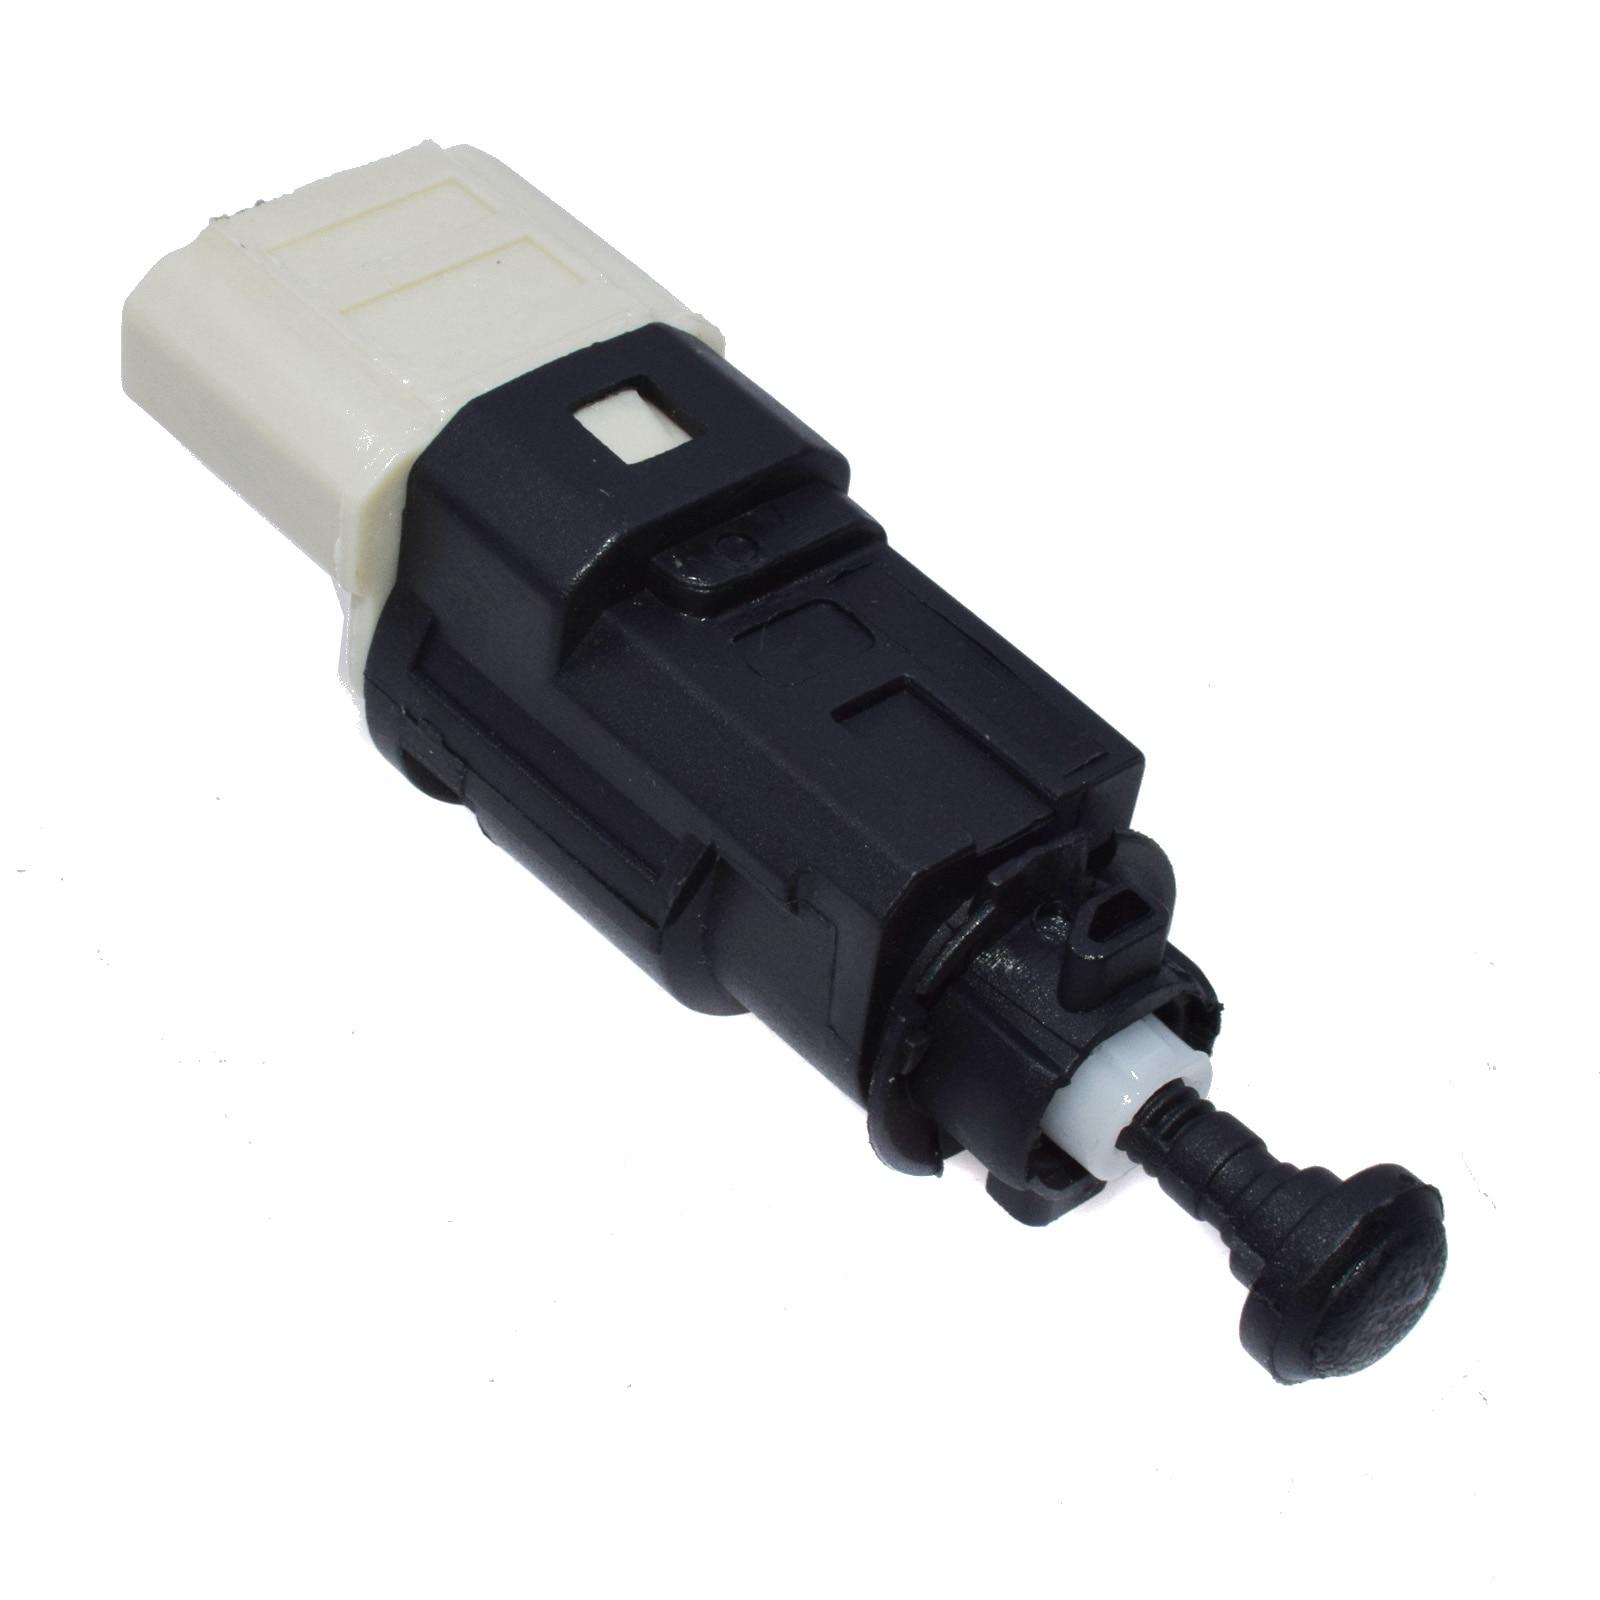 Renault Kangoo 1.9 dCi 4x4 2 Pin Genuine Lemark Brake Light Switch